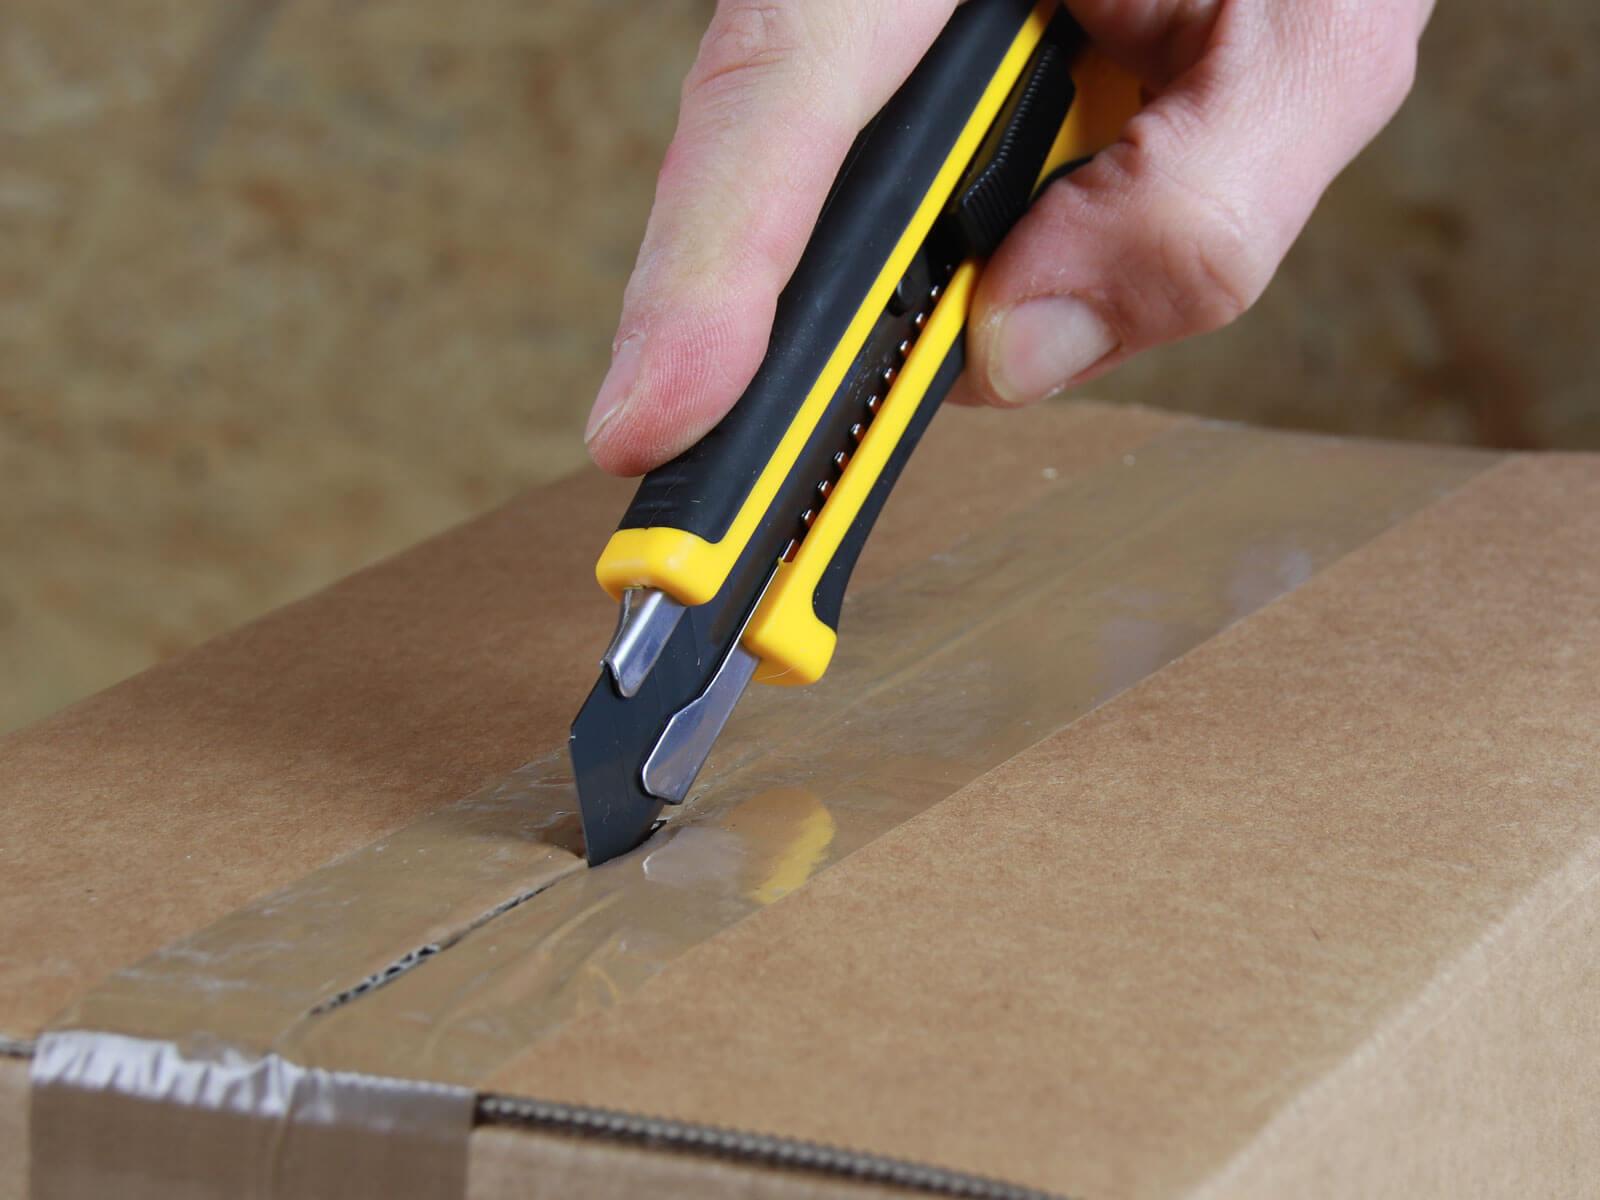 C064 Cuttermesser Klebeband schneiden CURT-tools